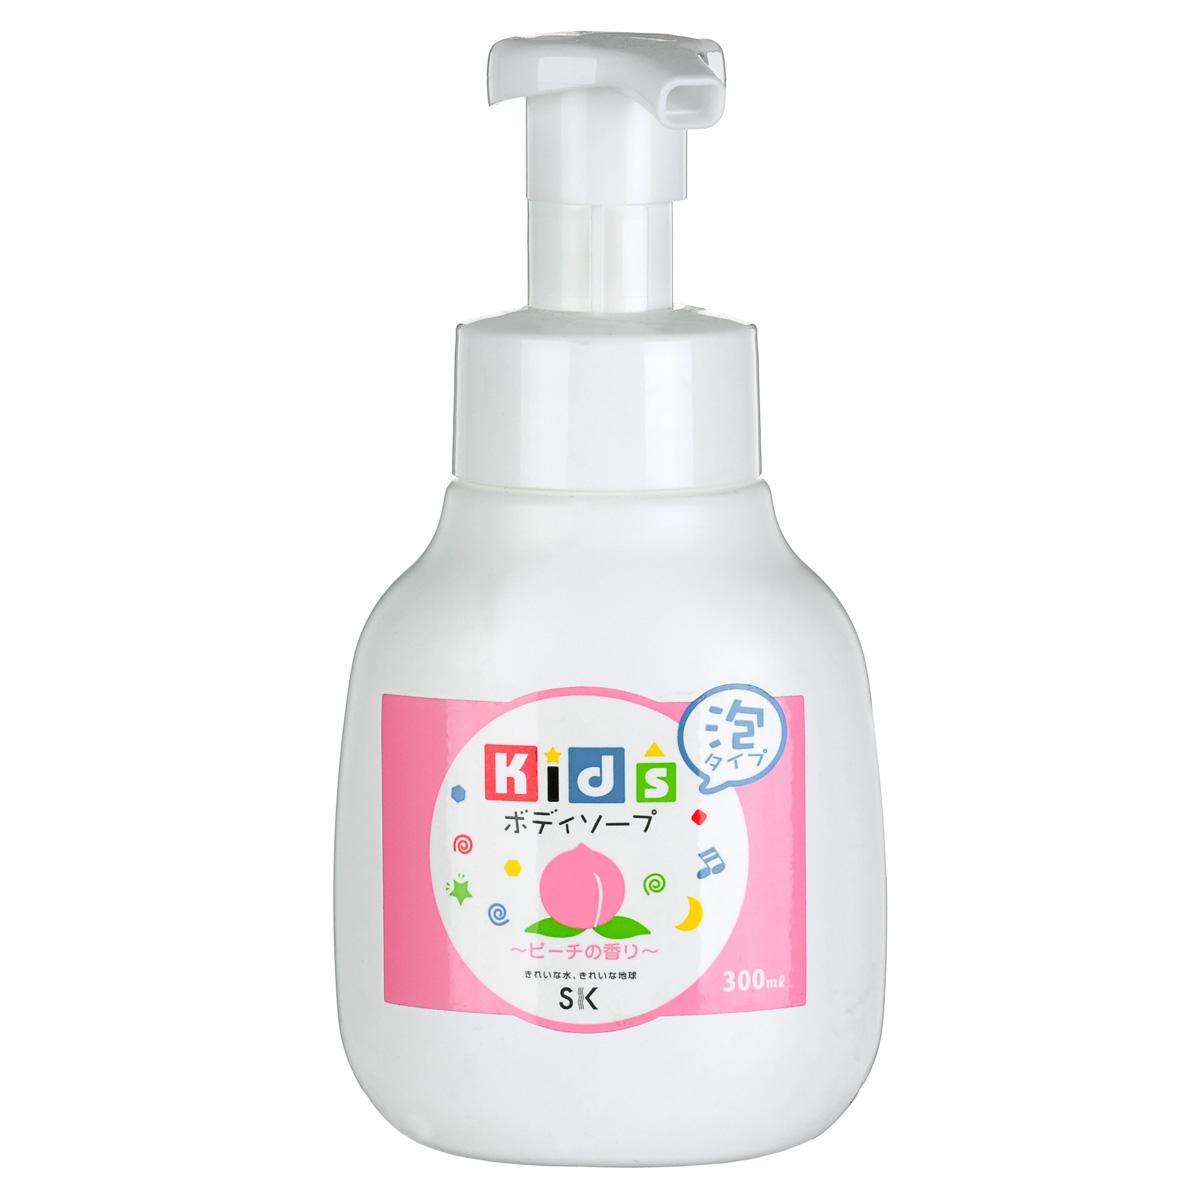 SK Kids Детское пенное мыло для тела с ароматом персика, 300 мл101685Воздушное детское пенное мыло порадует вашего малыша сочным ароматом персика и мыльными пузырьками! Оно очистит детскую кожу и обеспечит полноценный уход за ней. Абсолютно безопасно. Экстракт персика, в составе пенки, увлажнит и окажет противовоспалительное действие на нежную кожу. Не содержит ПАВ, искусственных красителей, ароматизаторов, антиоксидантов, поэтому мыло необходимо хранить в местах, защищенных от прямых солнечных лучей, высокой температуры и влажности. Проверено дерматологами.